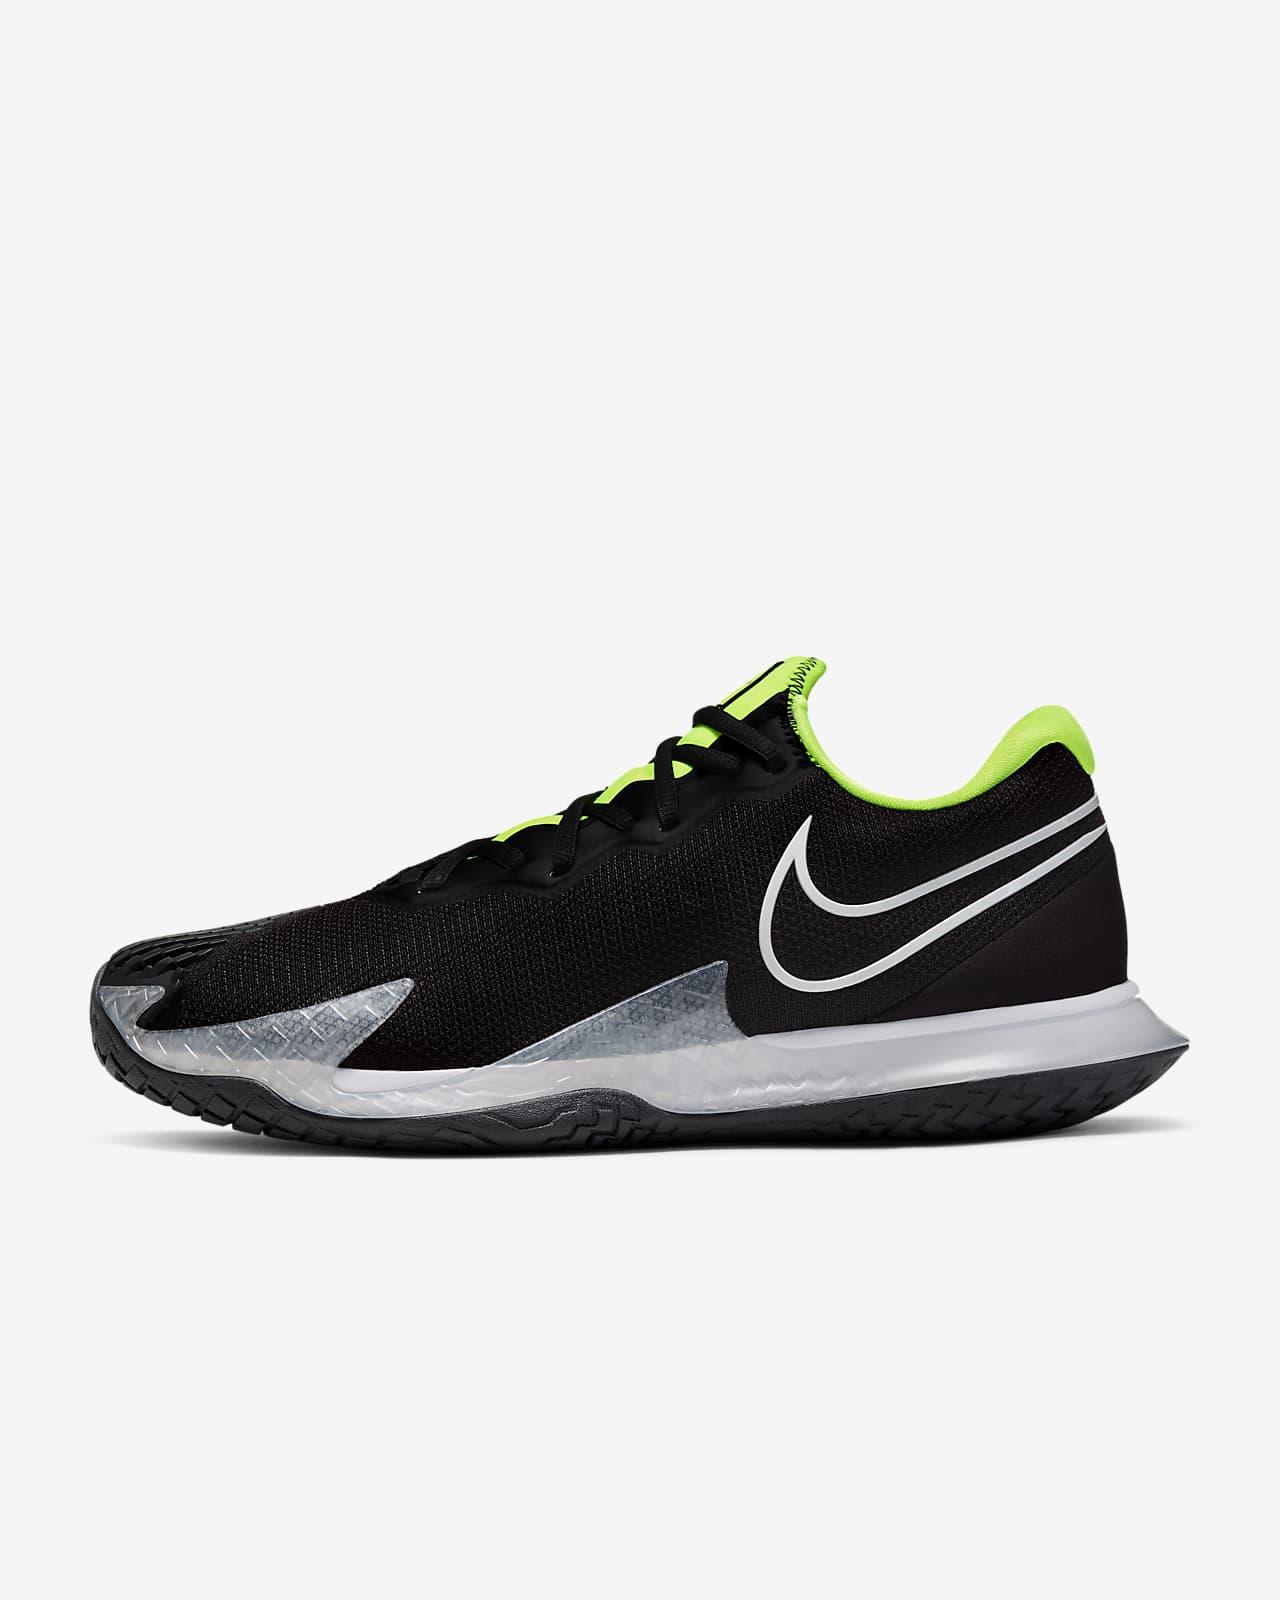 Chaussure Tennis Nike Homme 100% TENNIS